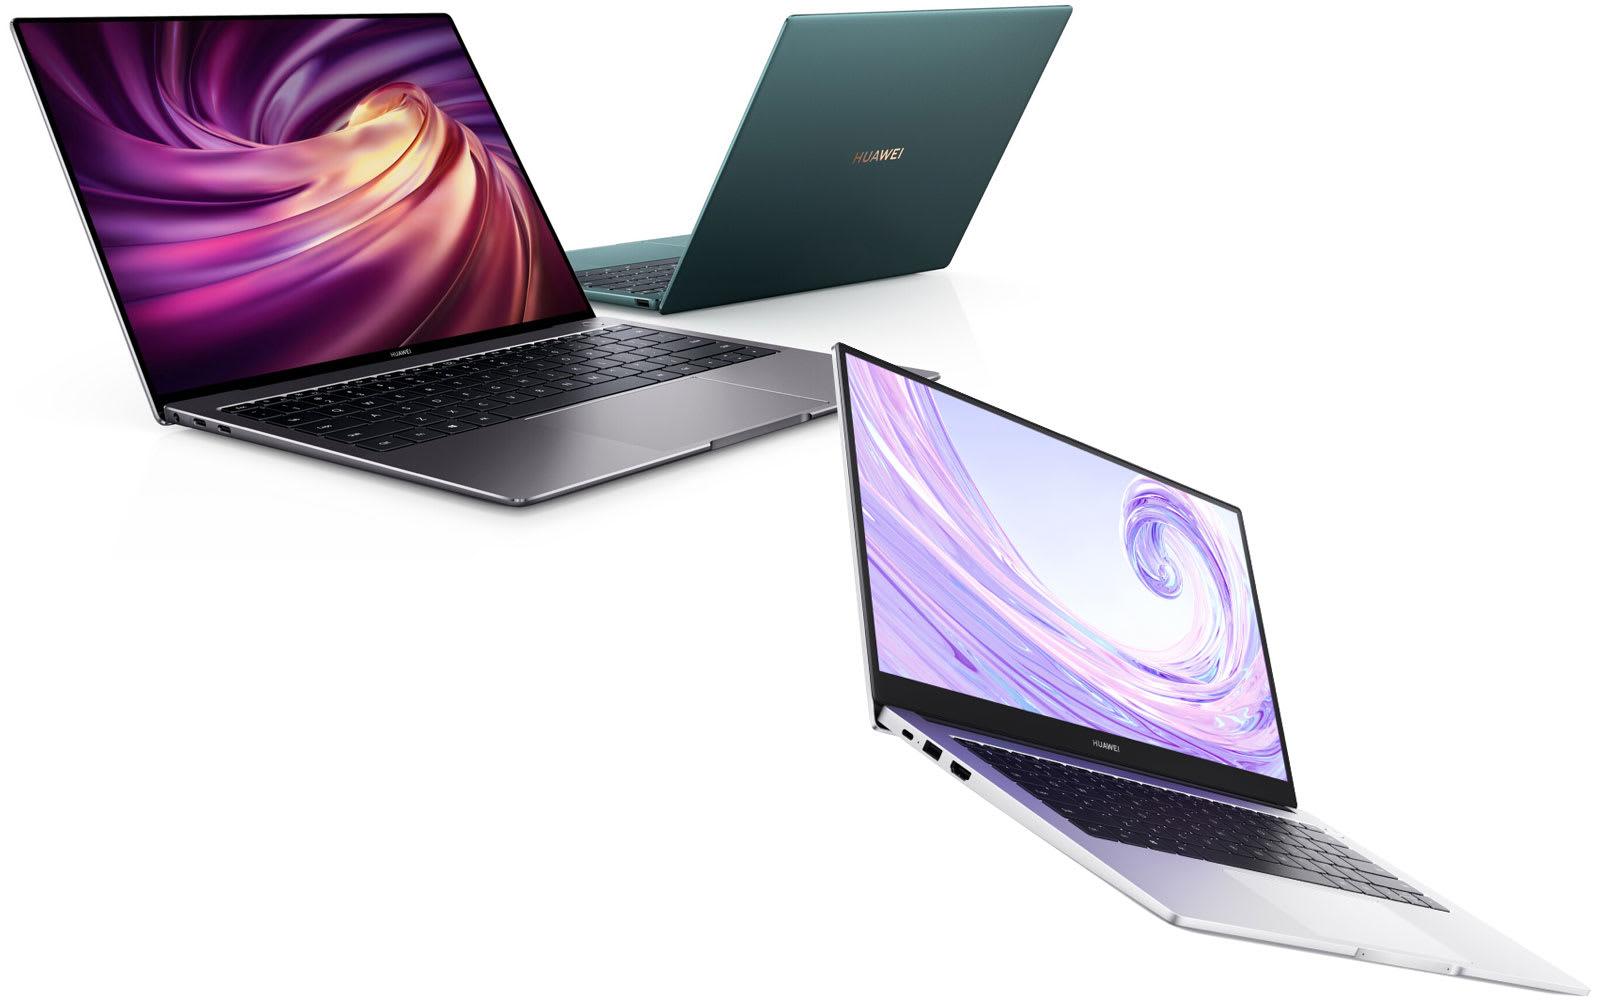 Huawei MateBook X Pro and MateBook D